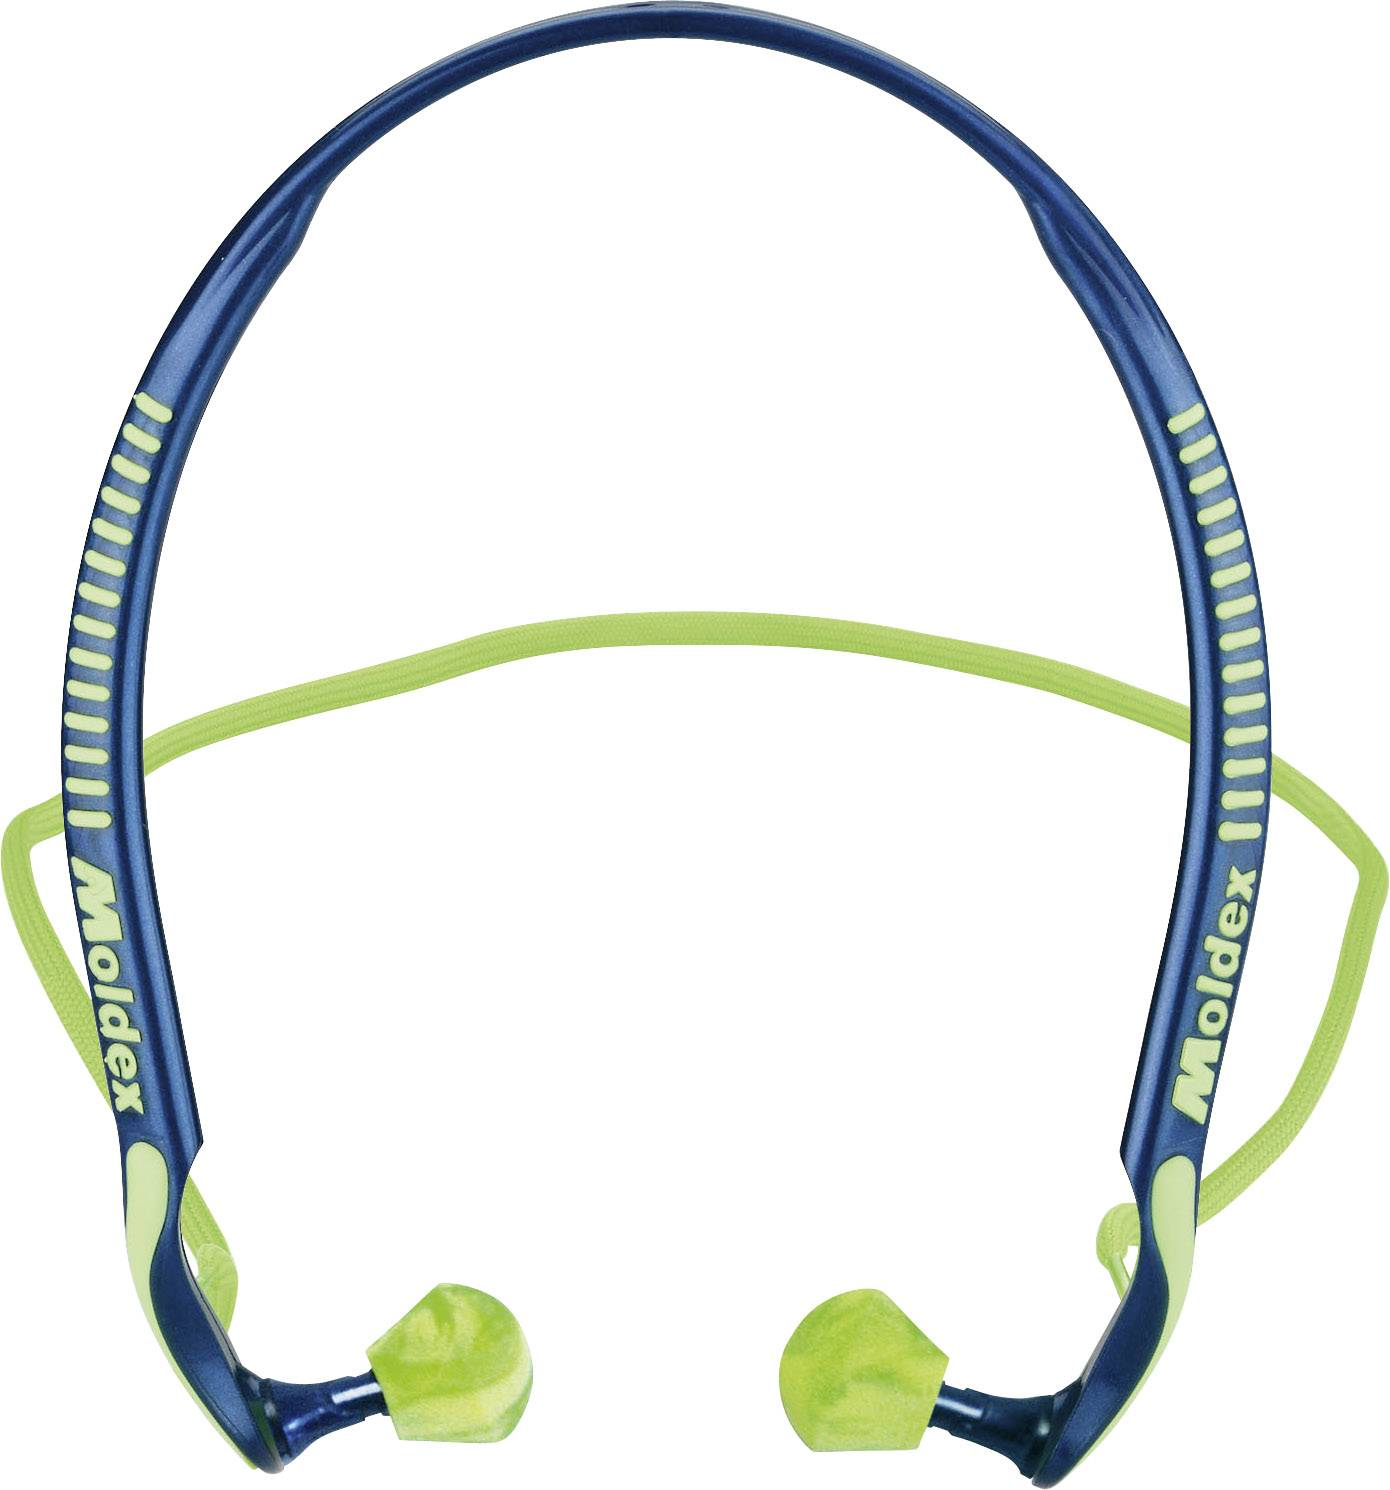 Zátkové špunty do uší se třmenem Moldex Jazz-Band, 6700 02, 23 dB, 1 pár